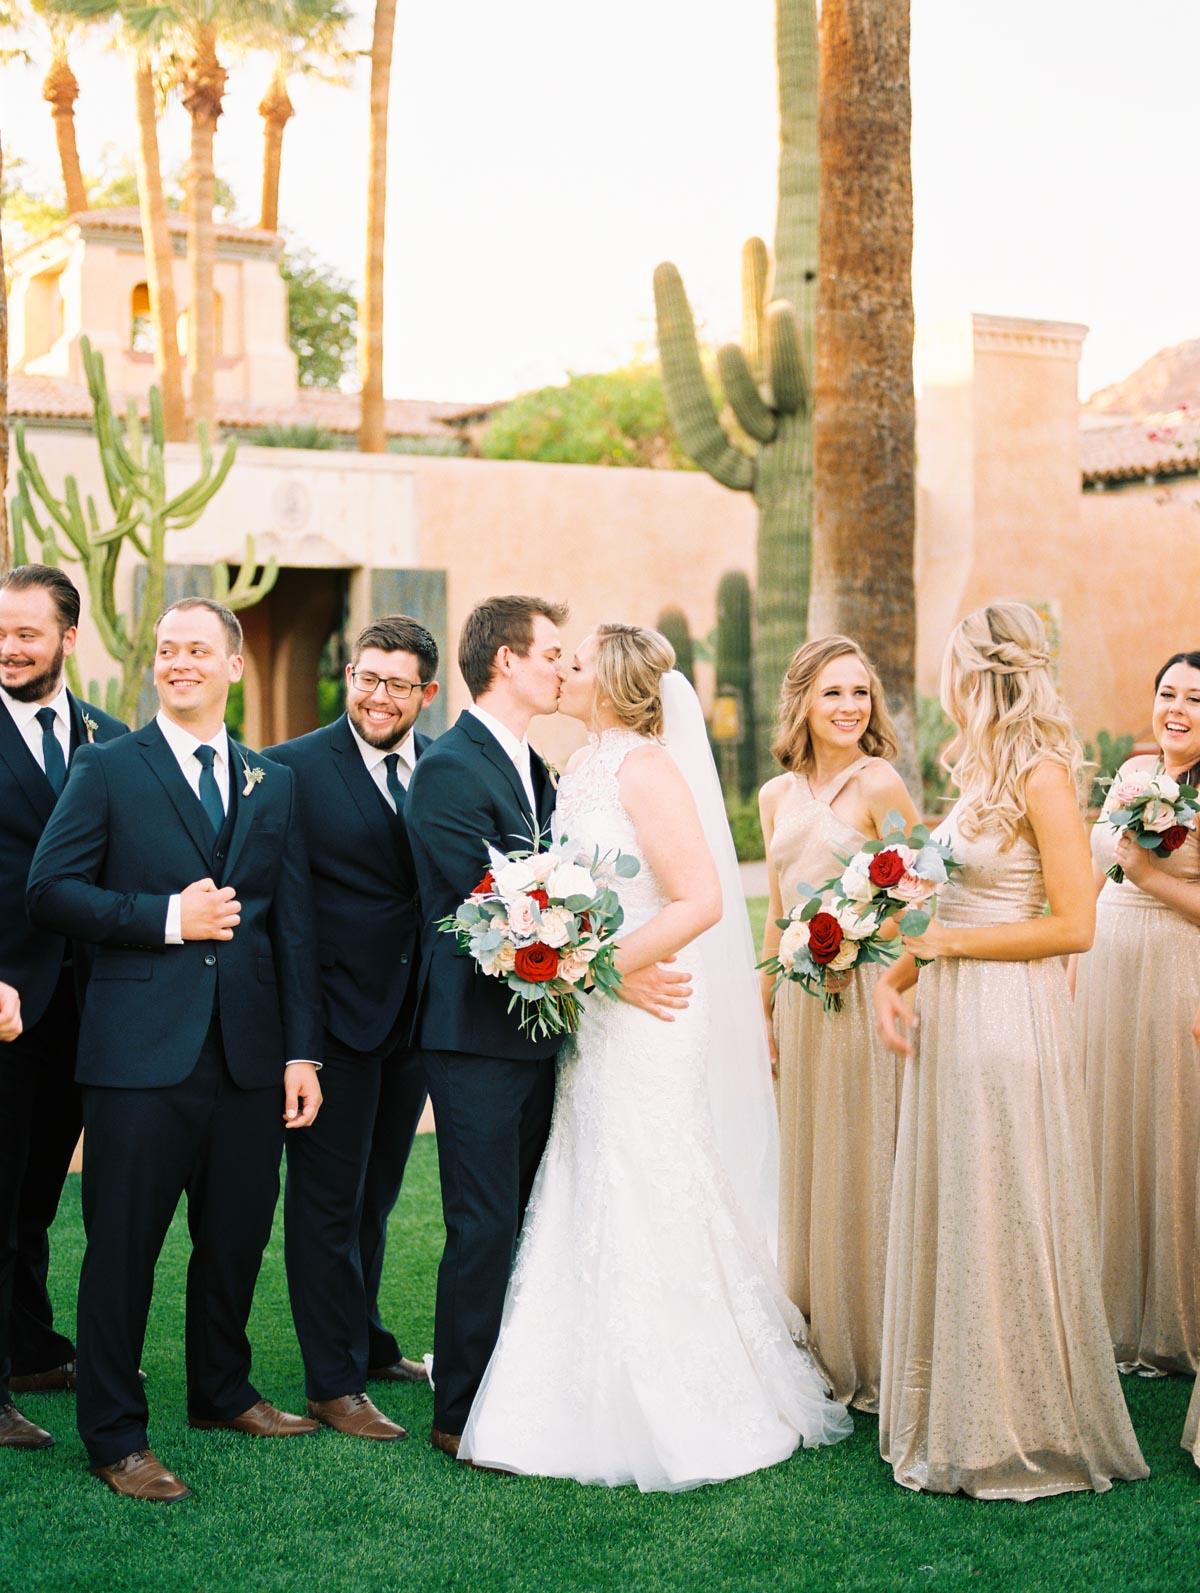 kissing-bride-groom.jpg